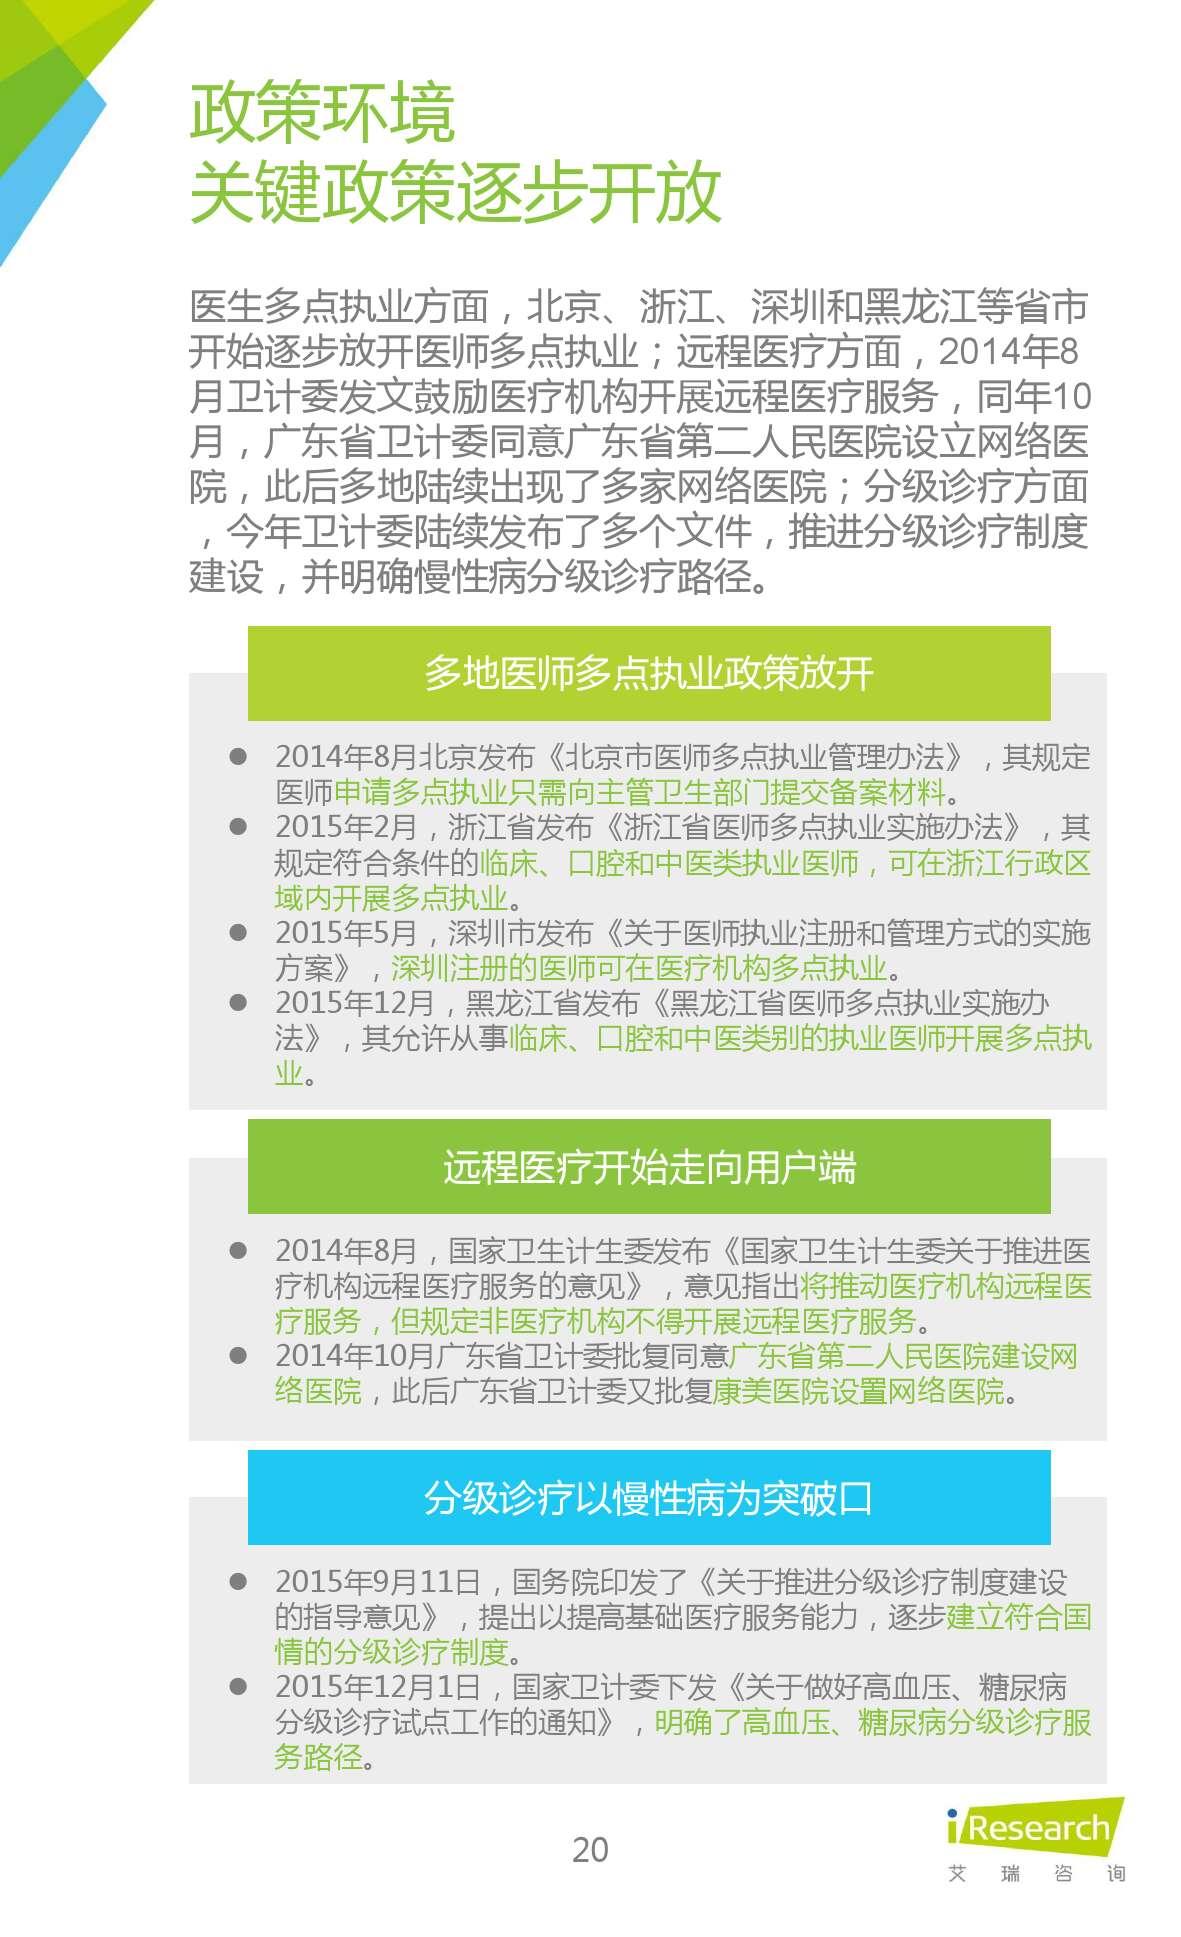 2015年中国在线问诊行业研究报告_000020